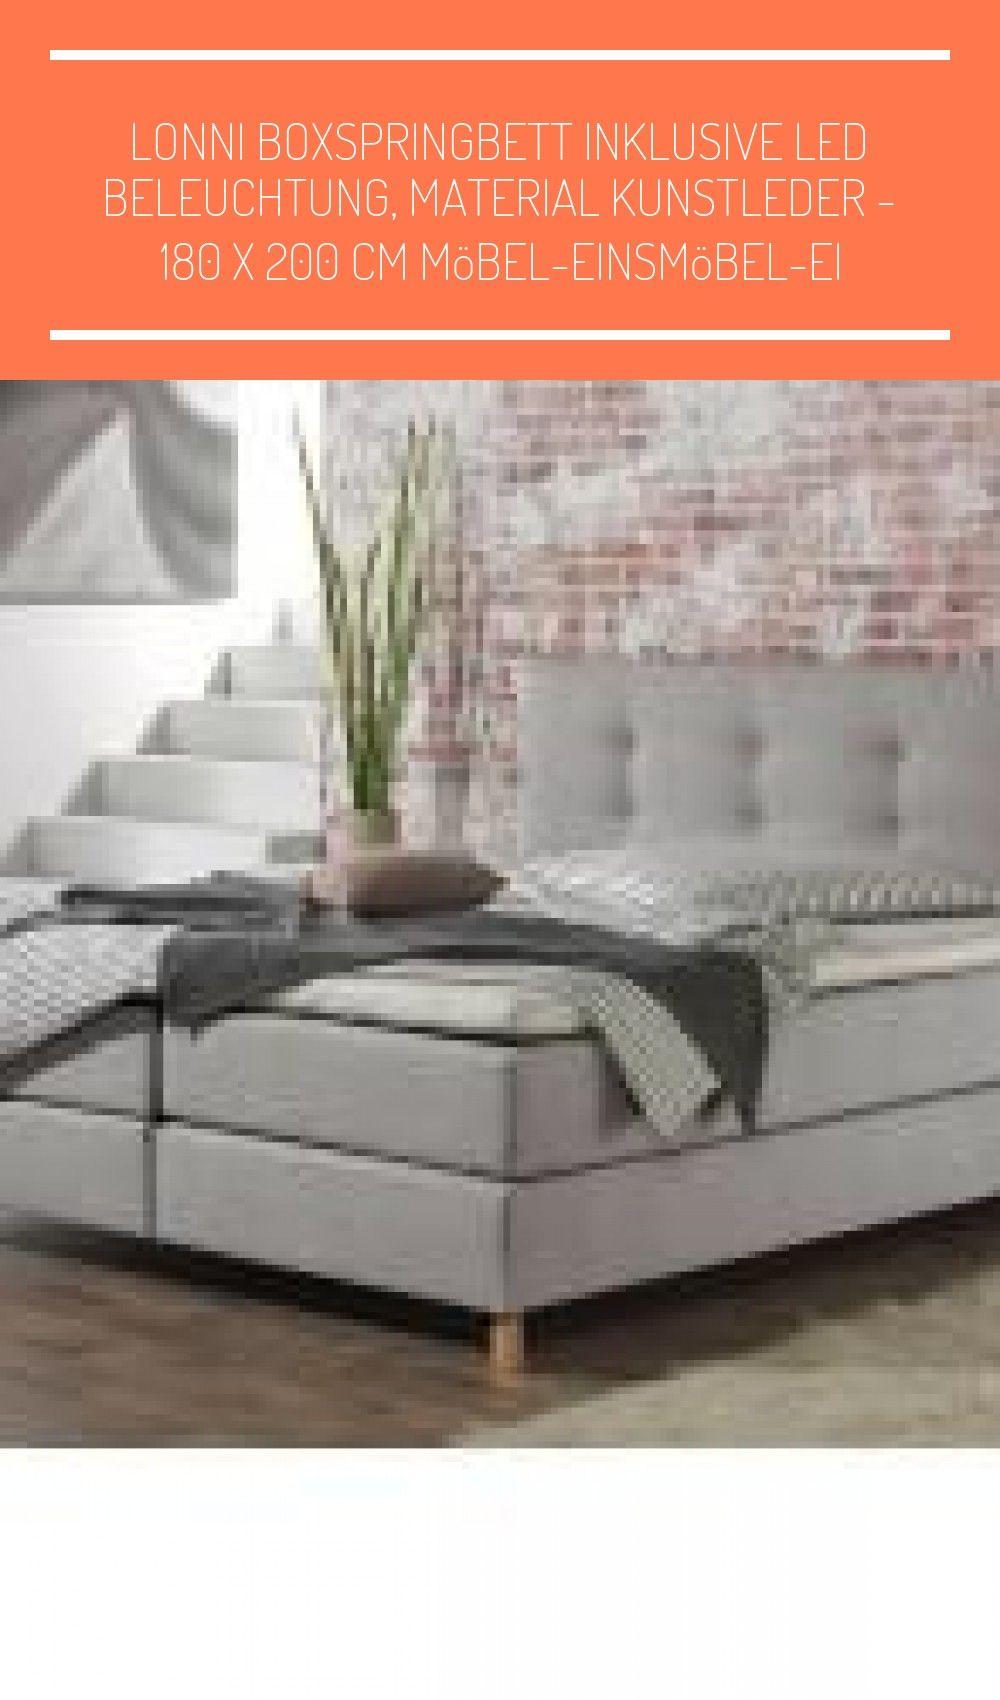 Home Affaire Boxspring Bett Cecina 140x200 Cm Grau Home Affairehome Affaire Renovierung Haus Ide In 2020 Refurbished Furniture Refurbished Furniture Diy Furniture